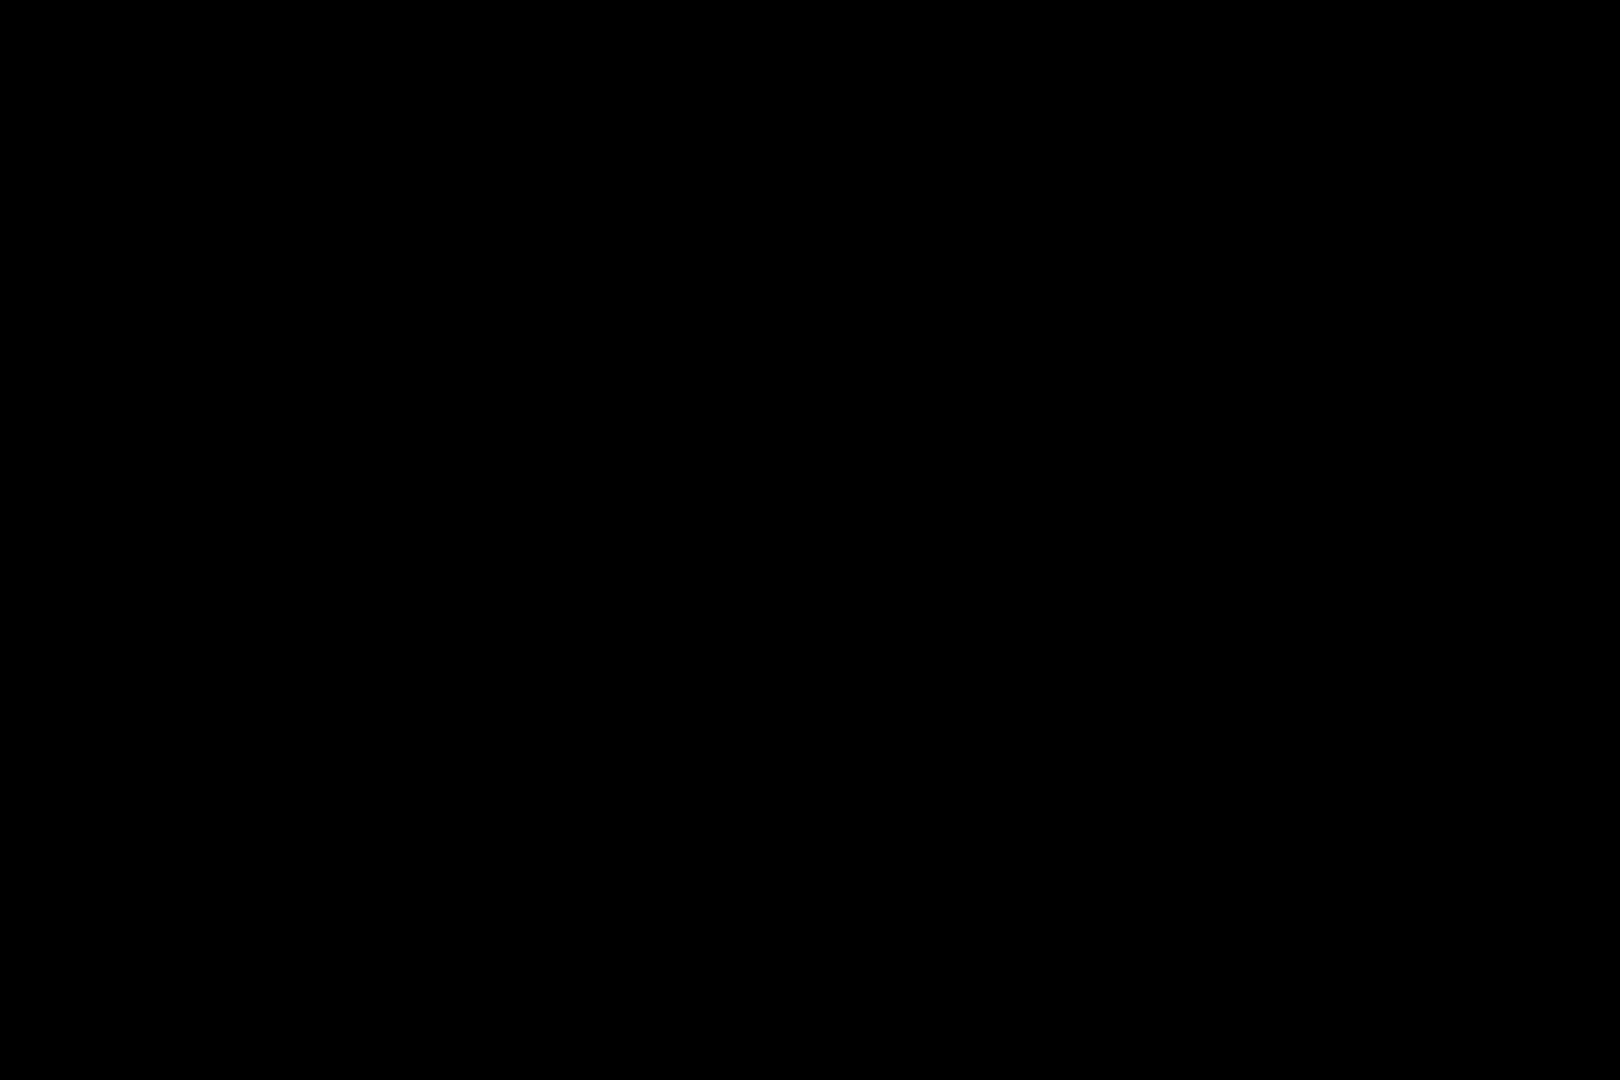 充血監督の深夜の運動会Vol.126 OLセックス 盗撮オメコ無修正動画無料 84画像 24